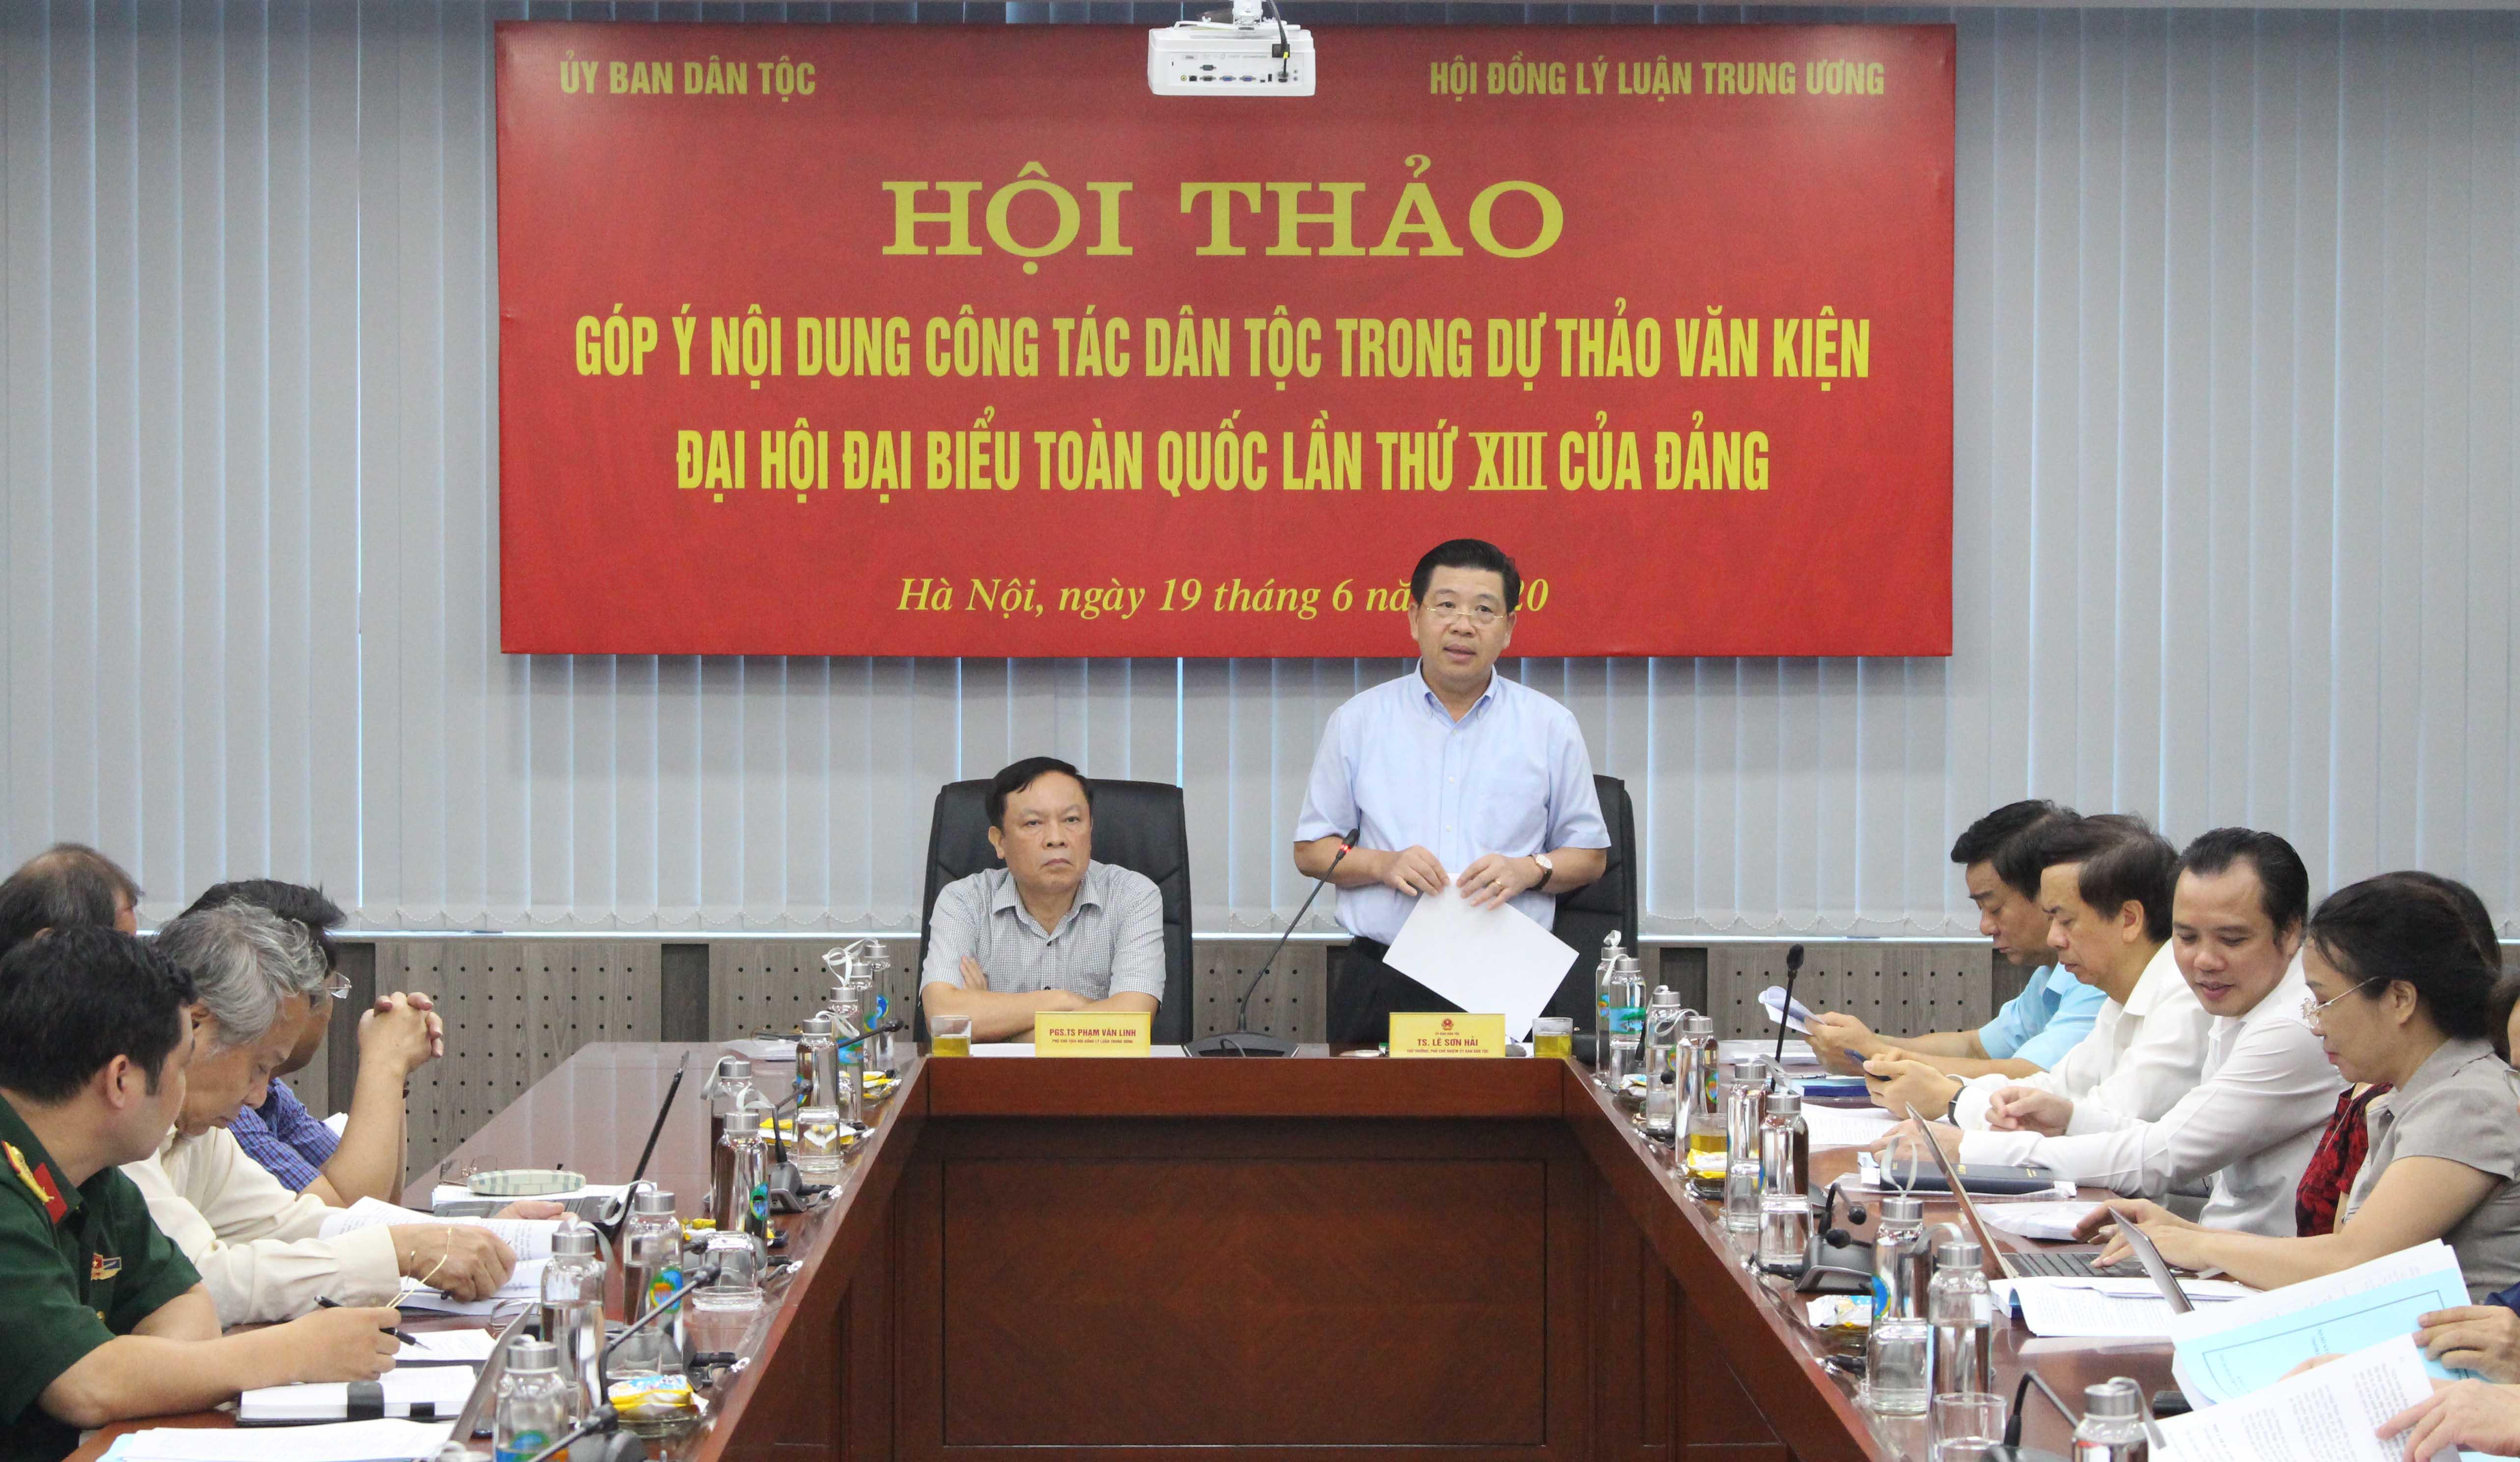 Thứ trưởng, Phó Chủ nhiệm Lê Sơn Hải phát biểu tại Hội thảo